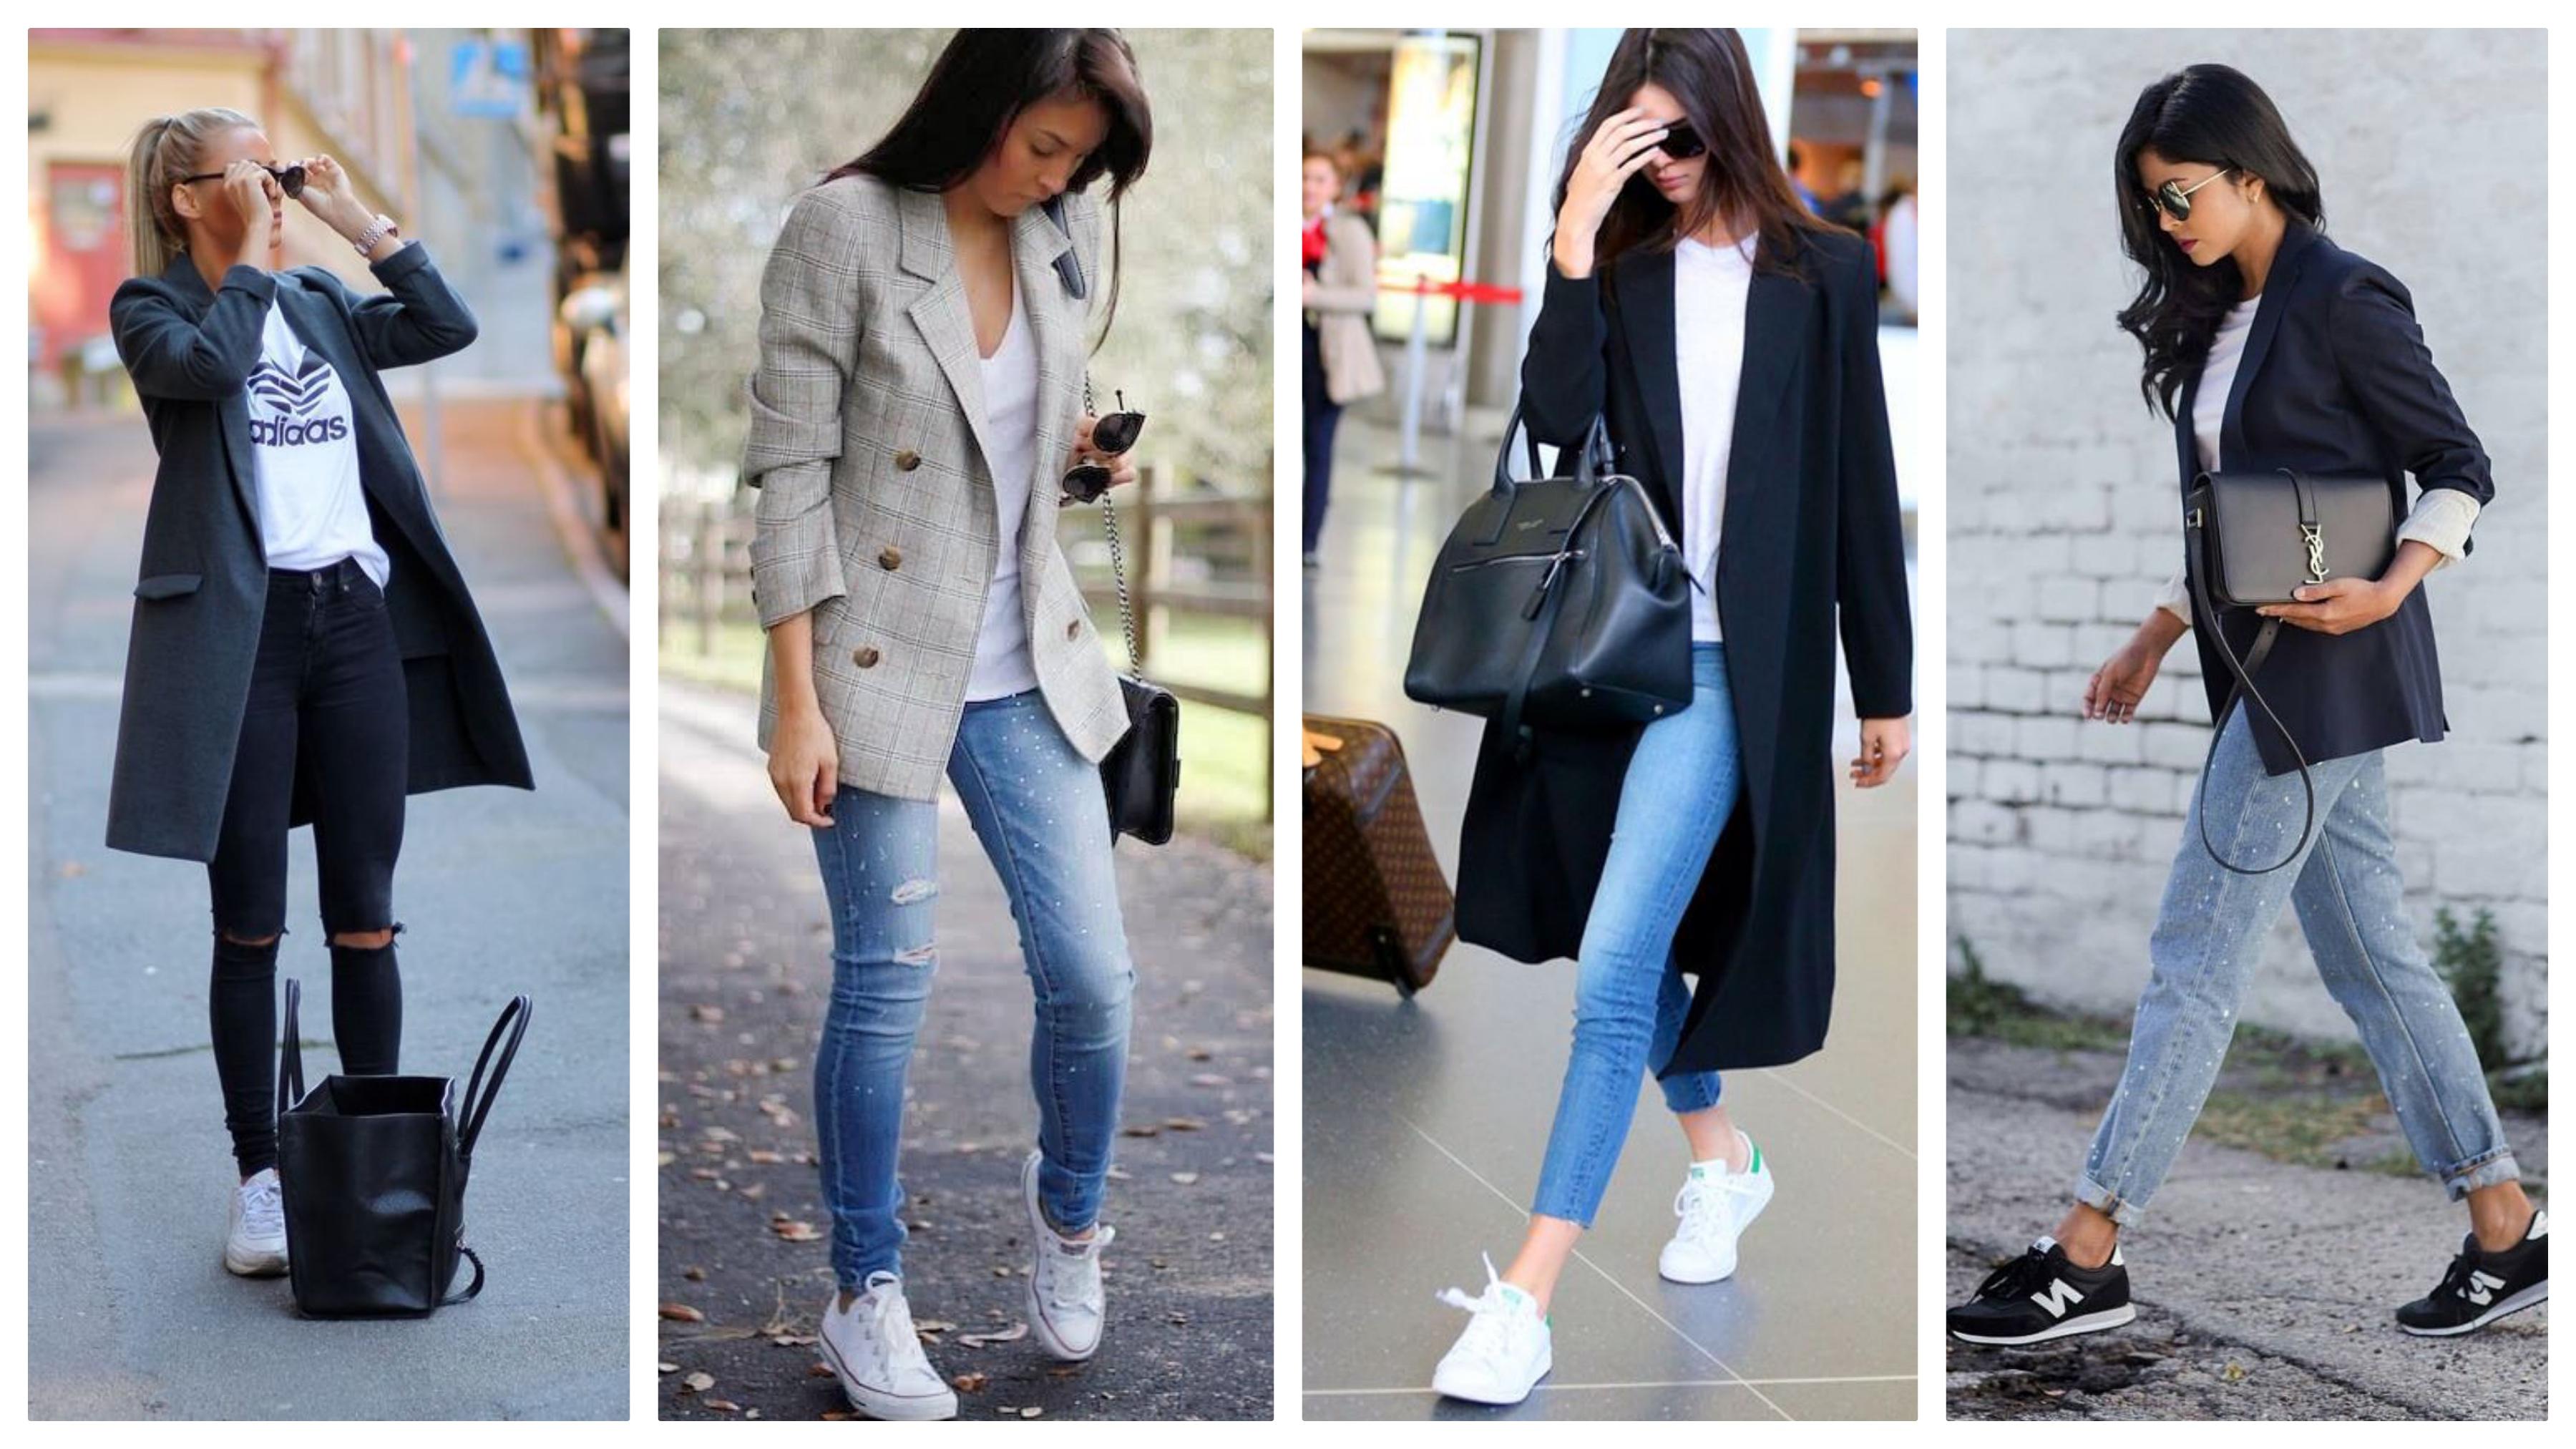 Джинсы, пиджак и кроссовки